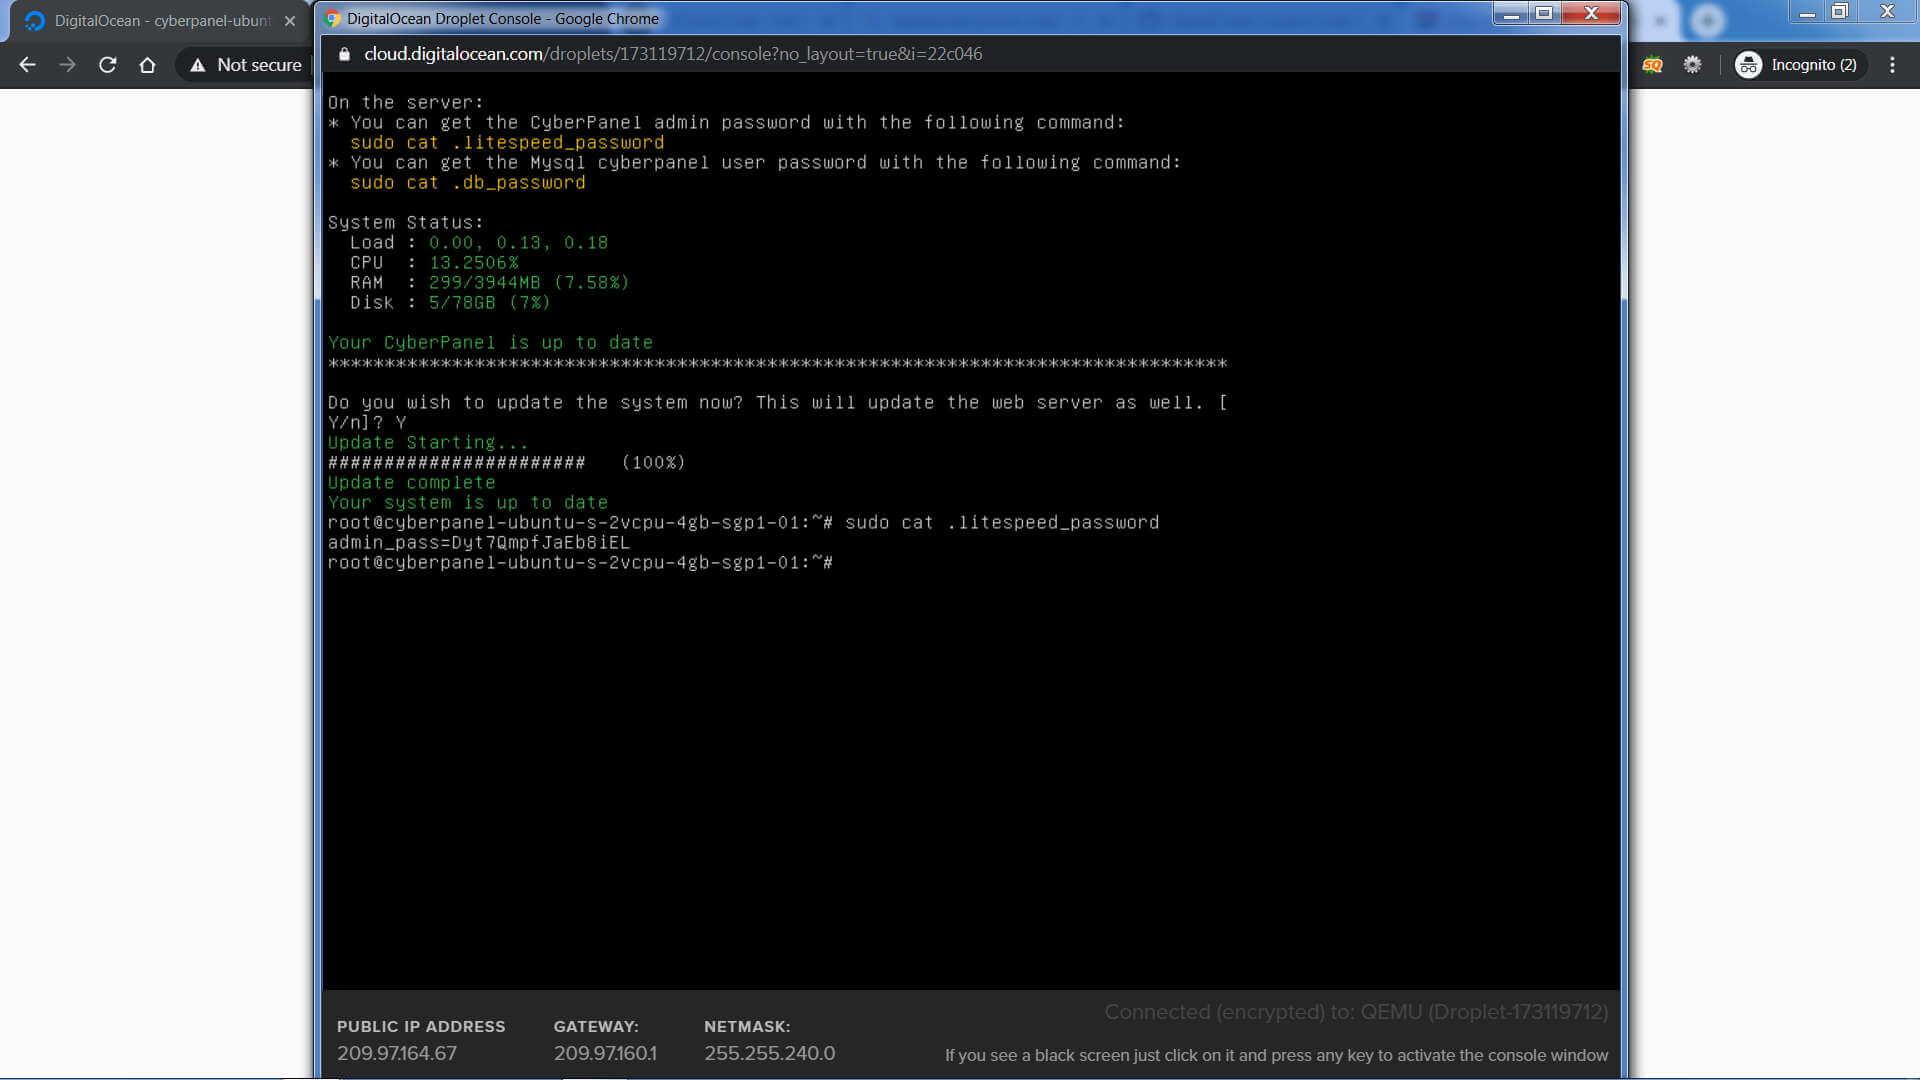 Digital Ocean CyberPanel Admin Password